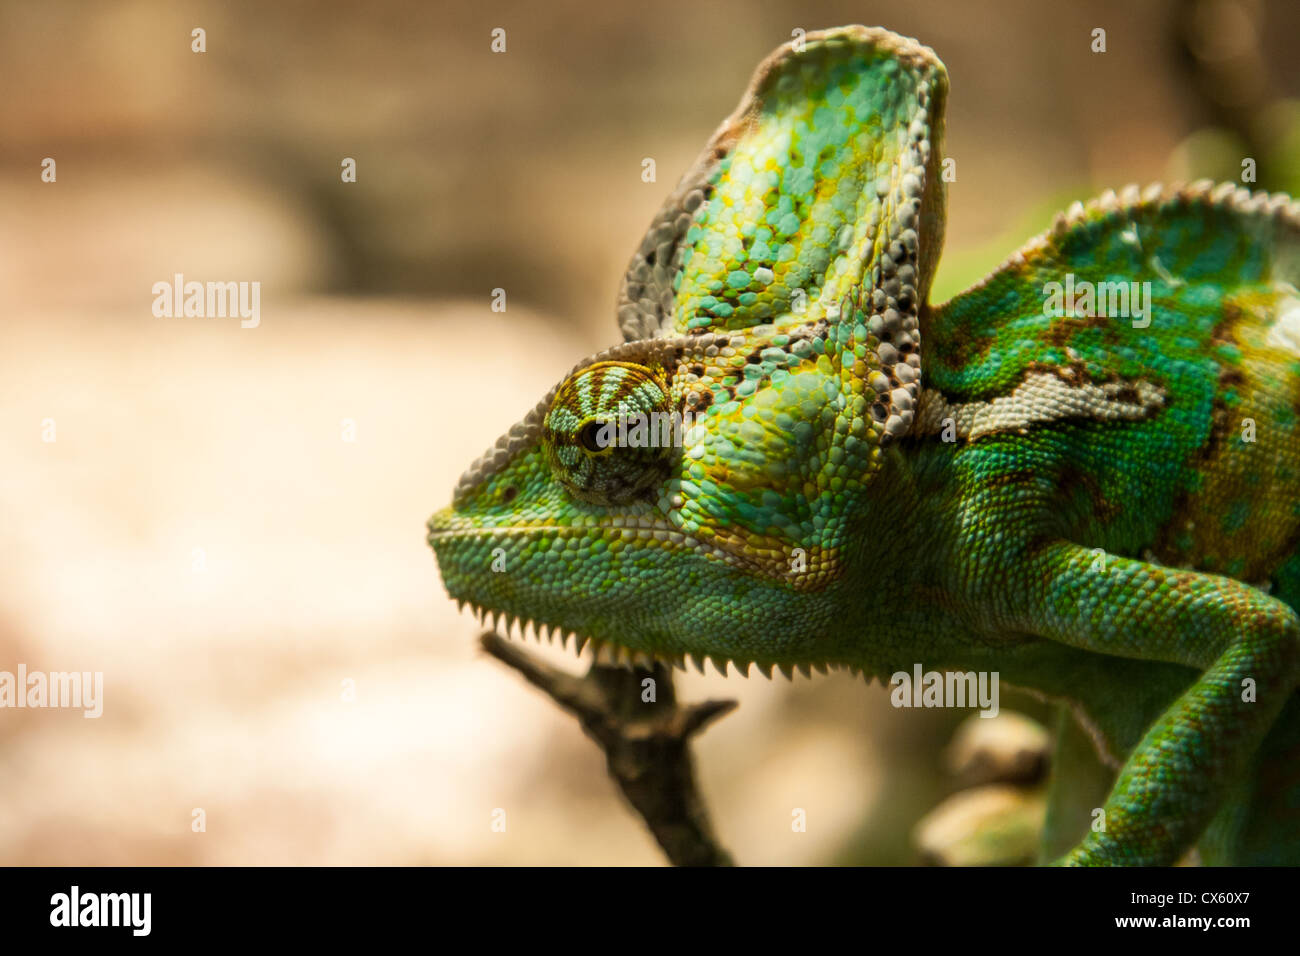 Portret piccolo verde camaleonte su la plante Immagini Stock